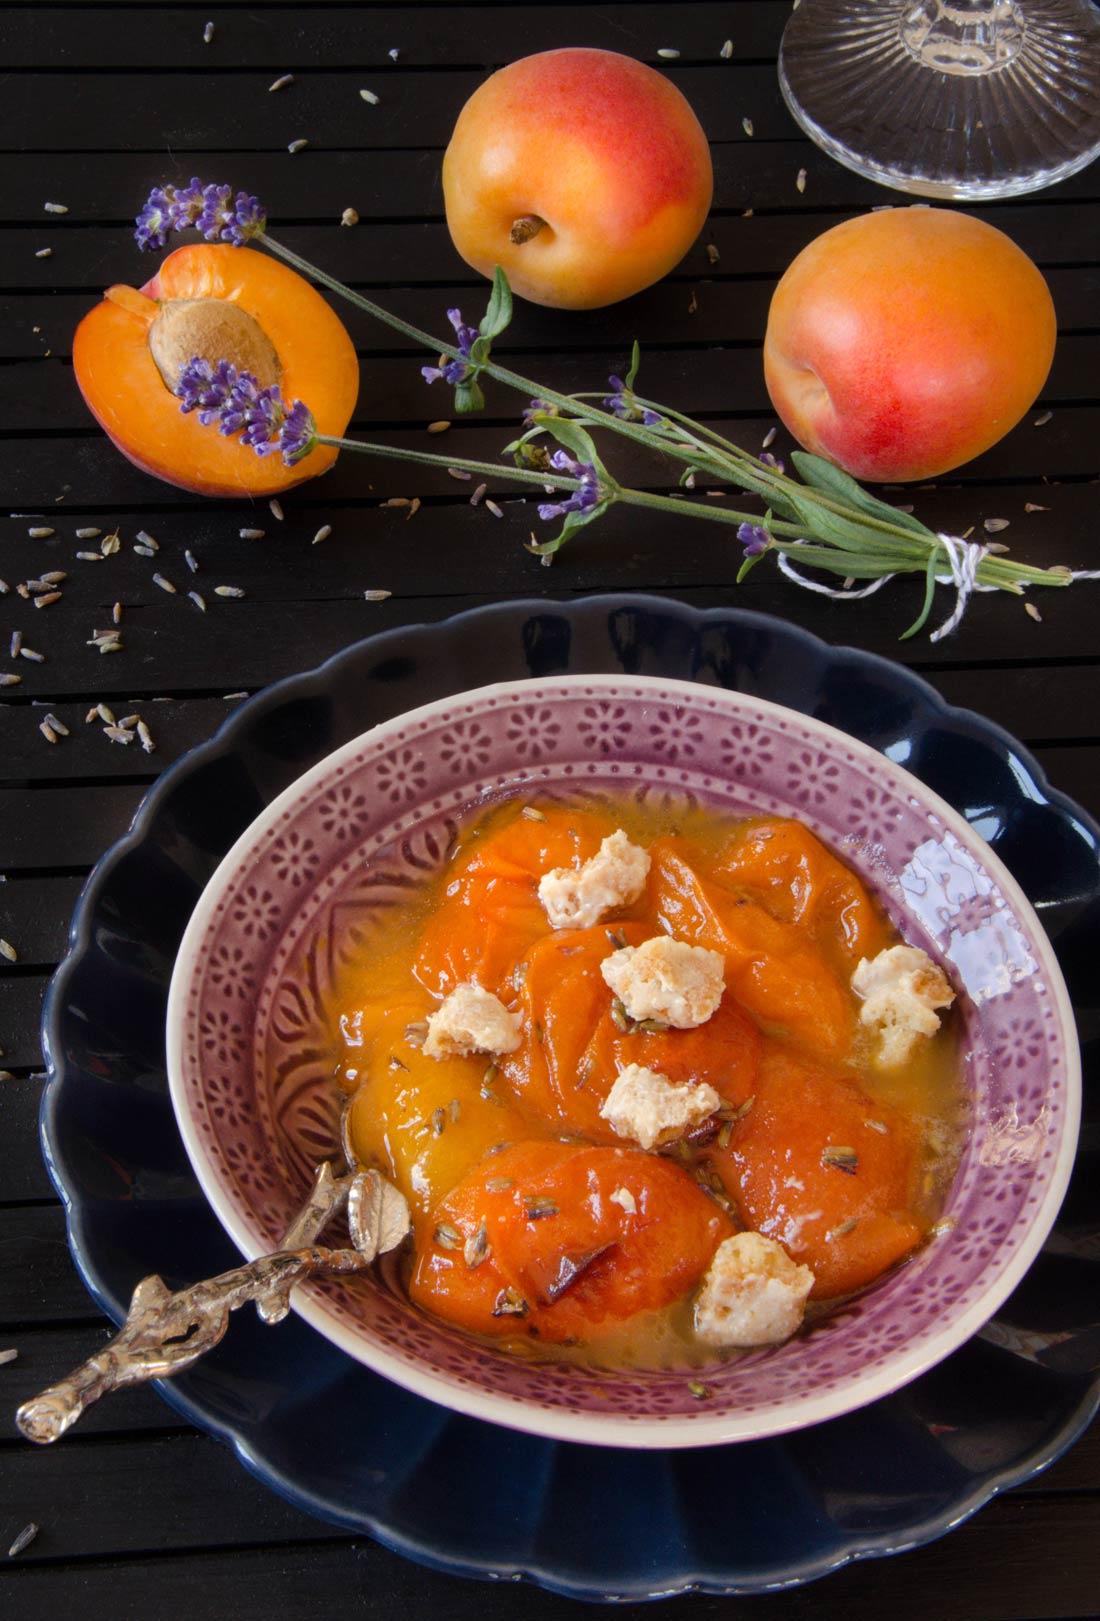 Recette d'abricots rôtis lavande et miel servi avec un crumble au chocolat blanc